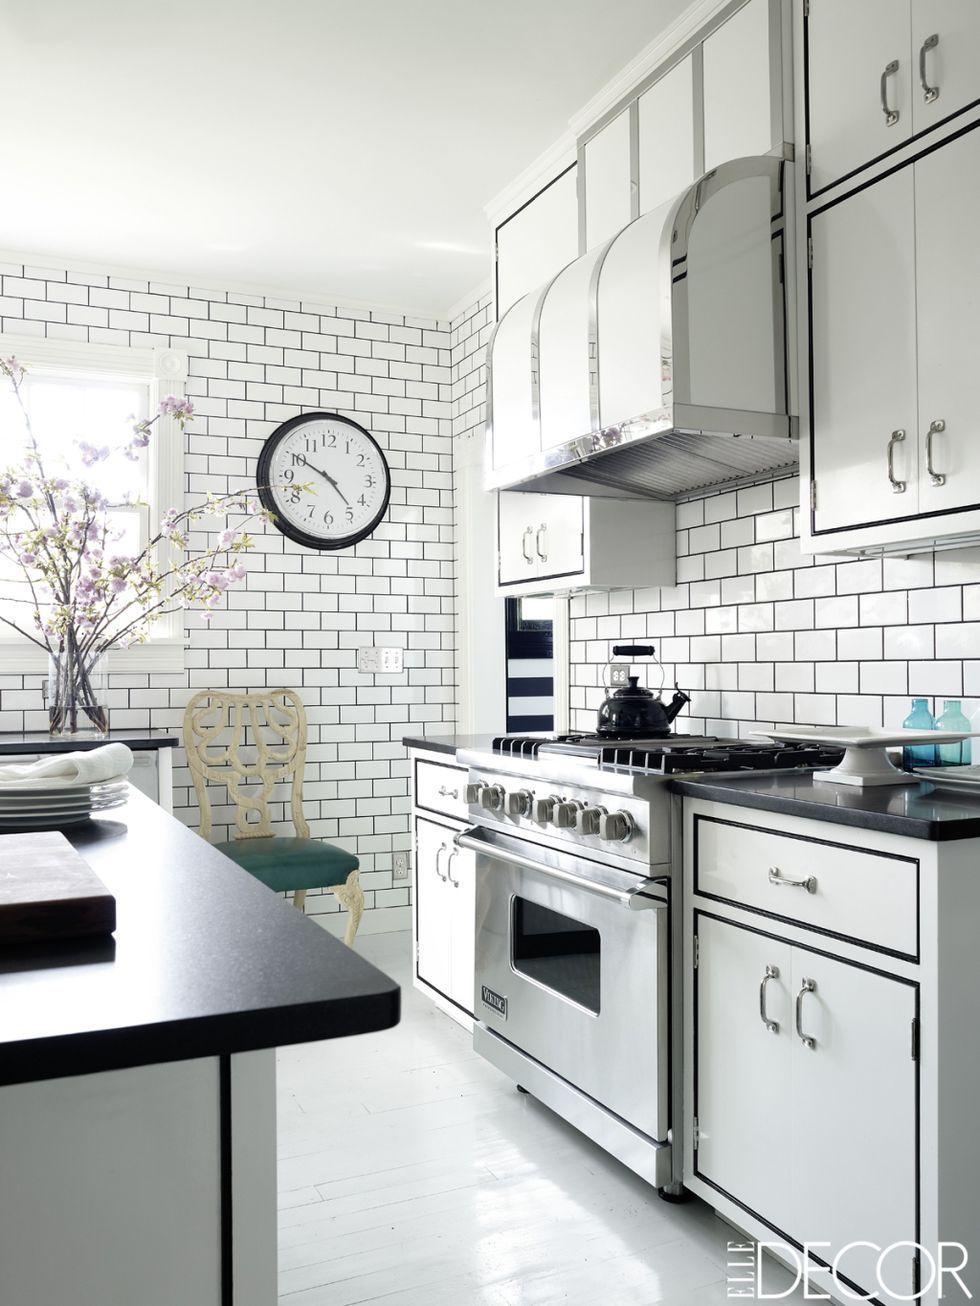 33 subway tile backsplashes stylish